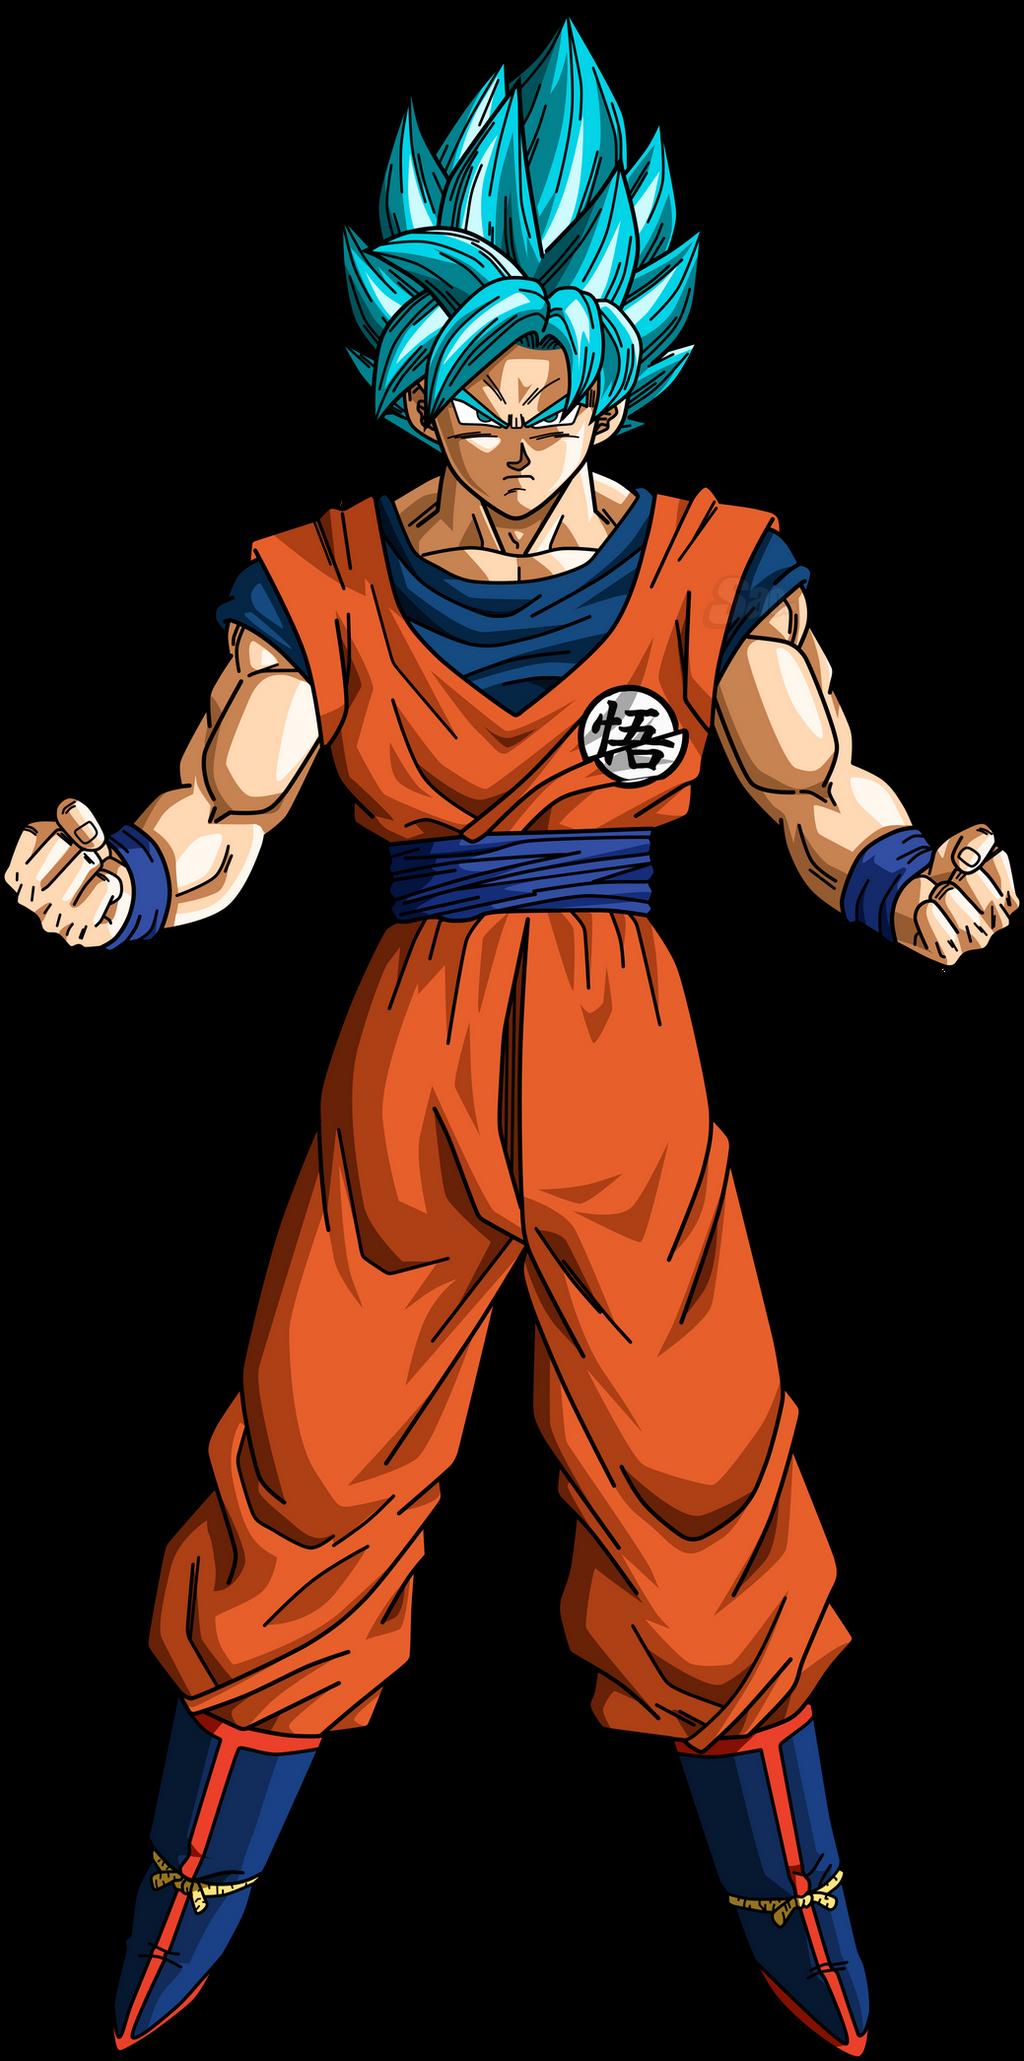 Goku SSJ Blue v3 by SaoDVD on DeviantArt